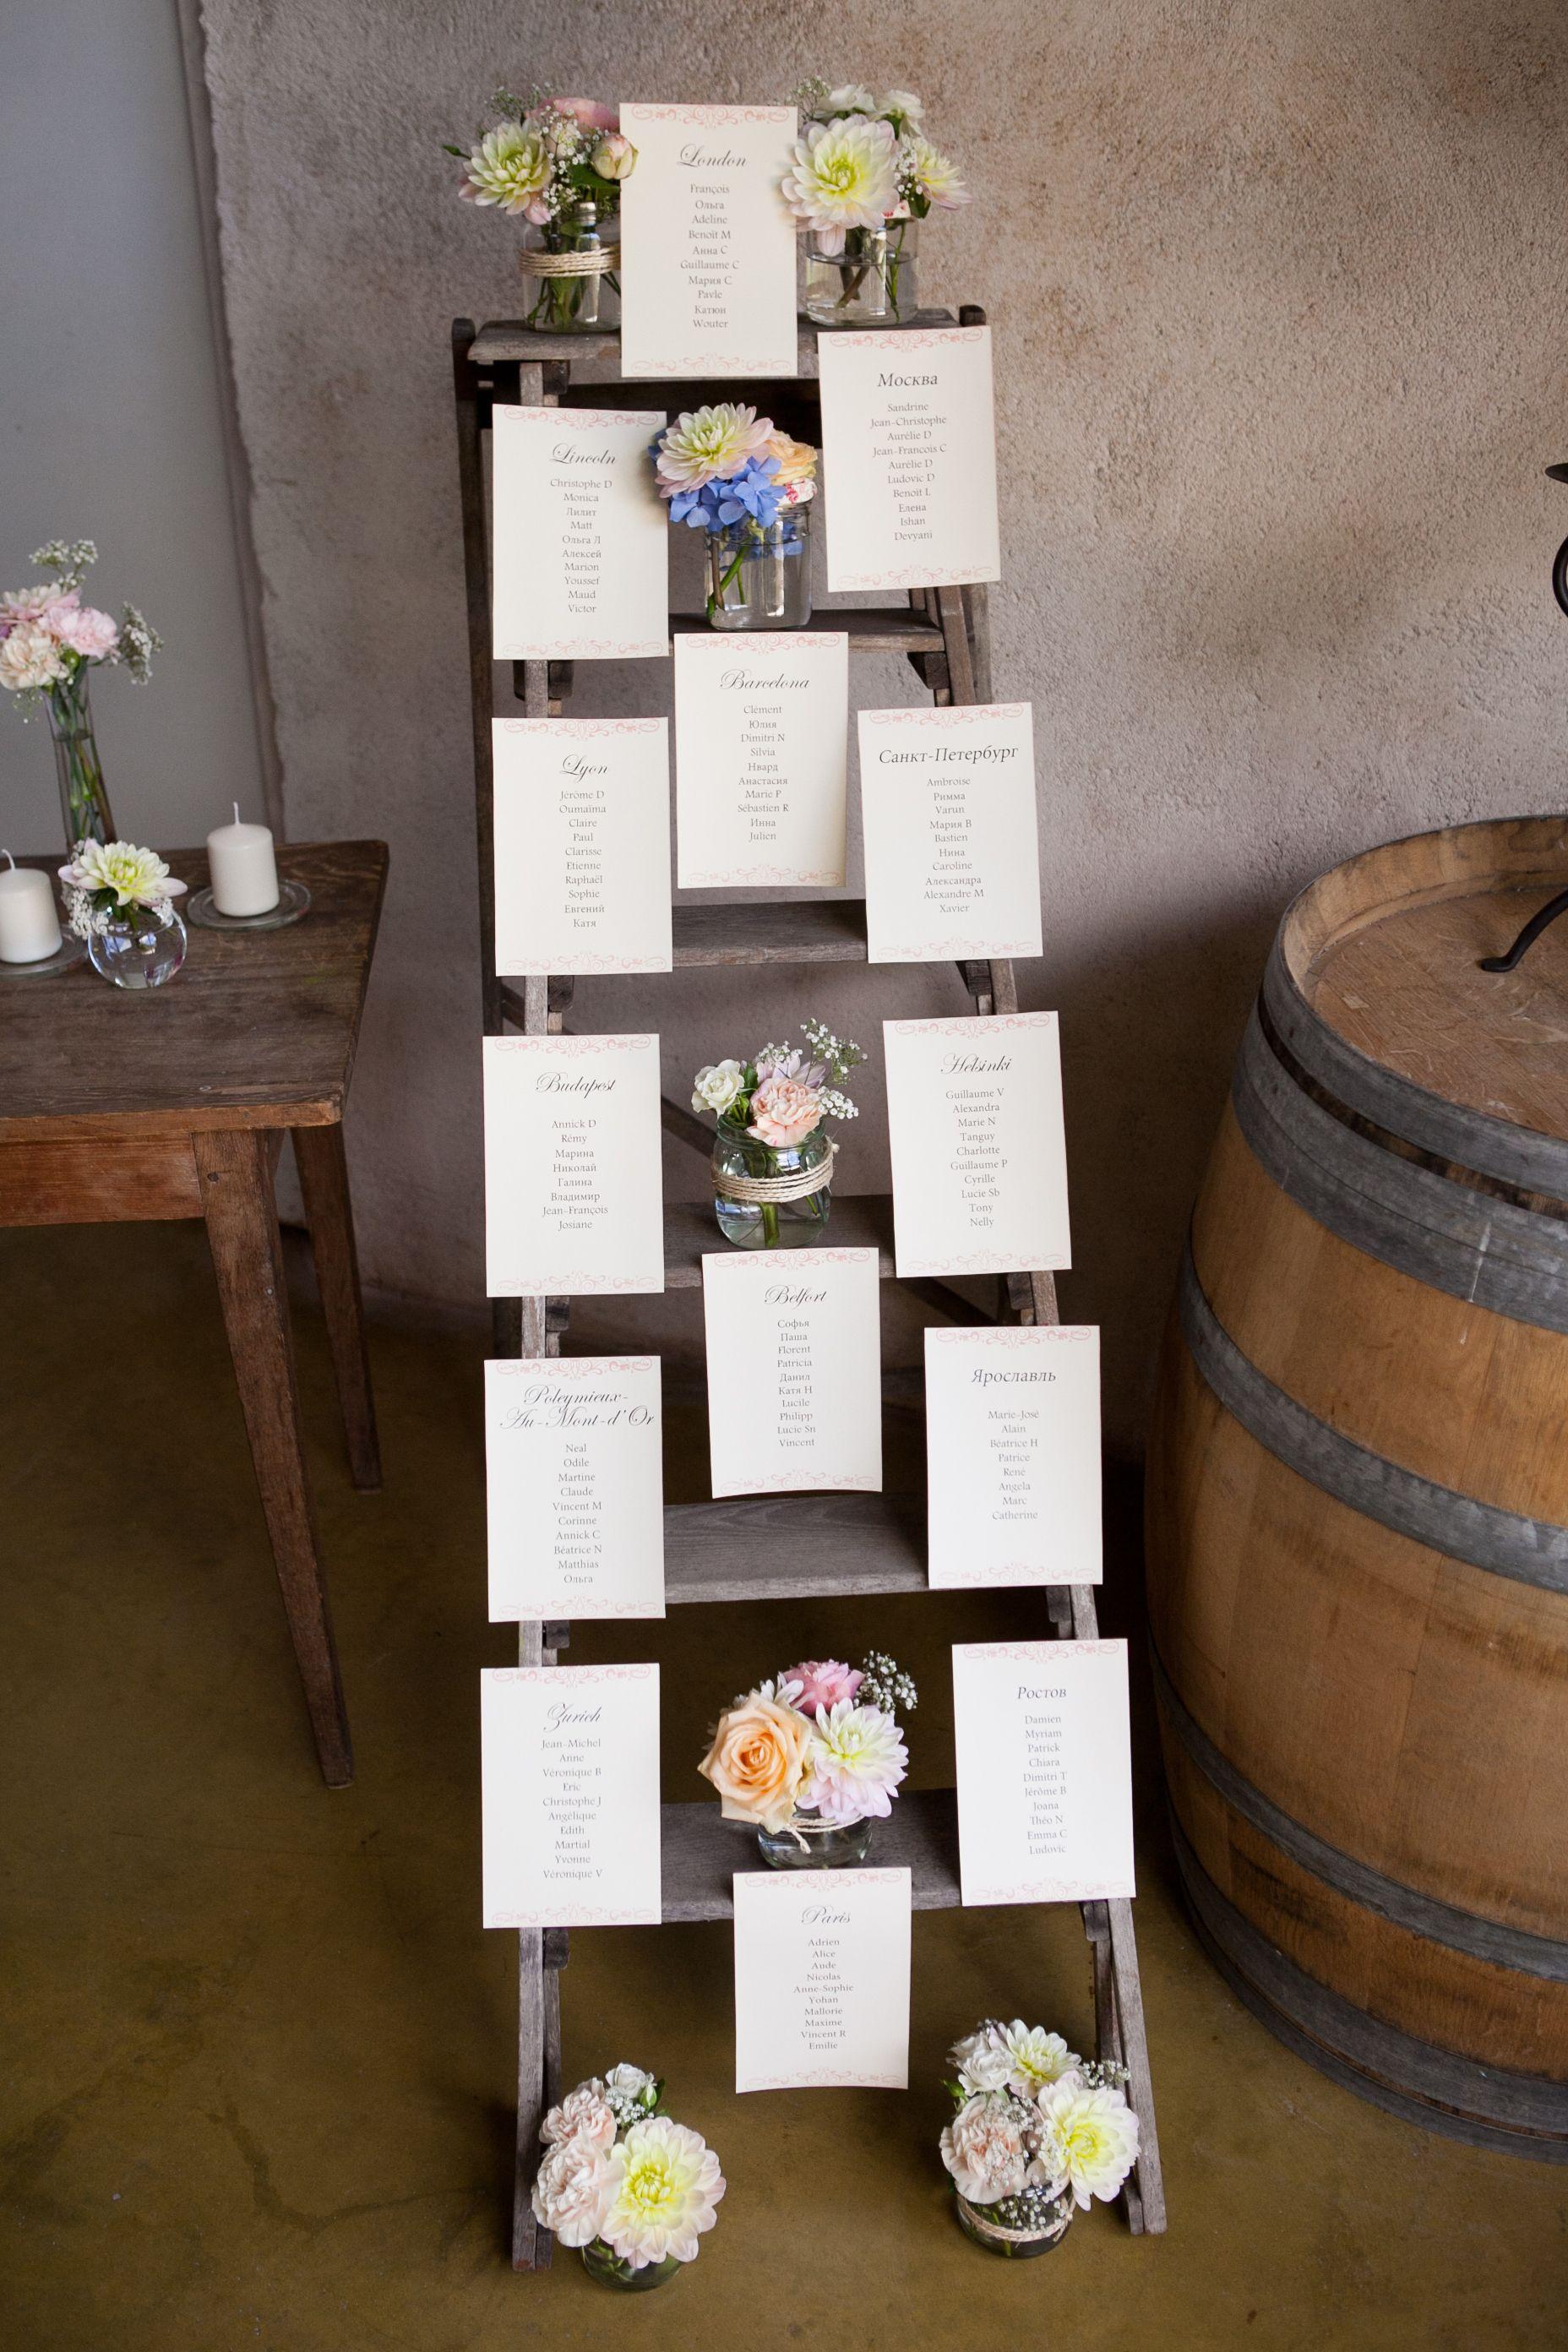 Un Plan De Table Original R Alis Sur Un Escabeau En Bois Pour Un Effet Vintage Pour Le C T